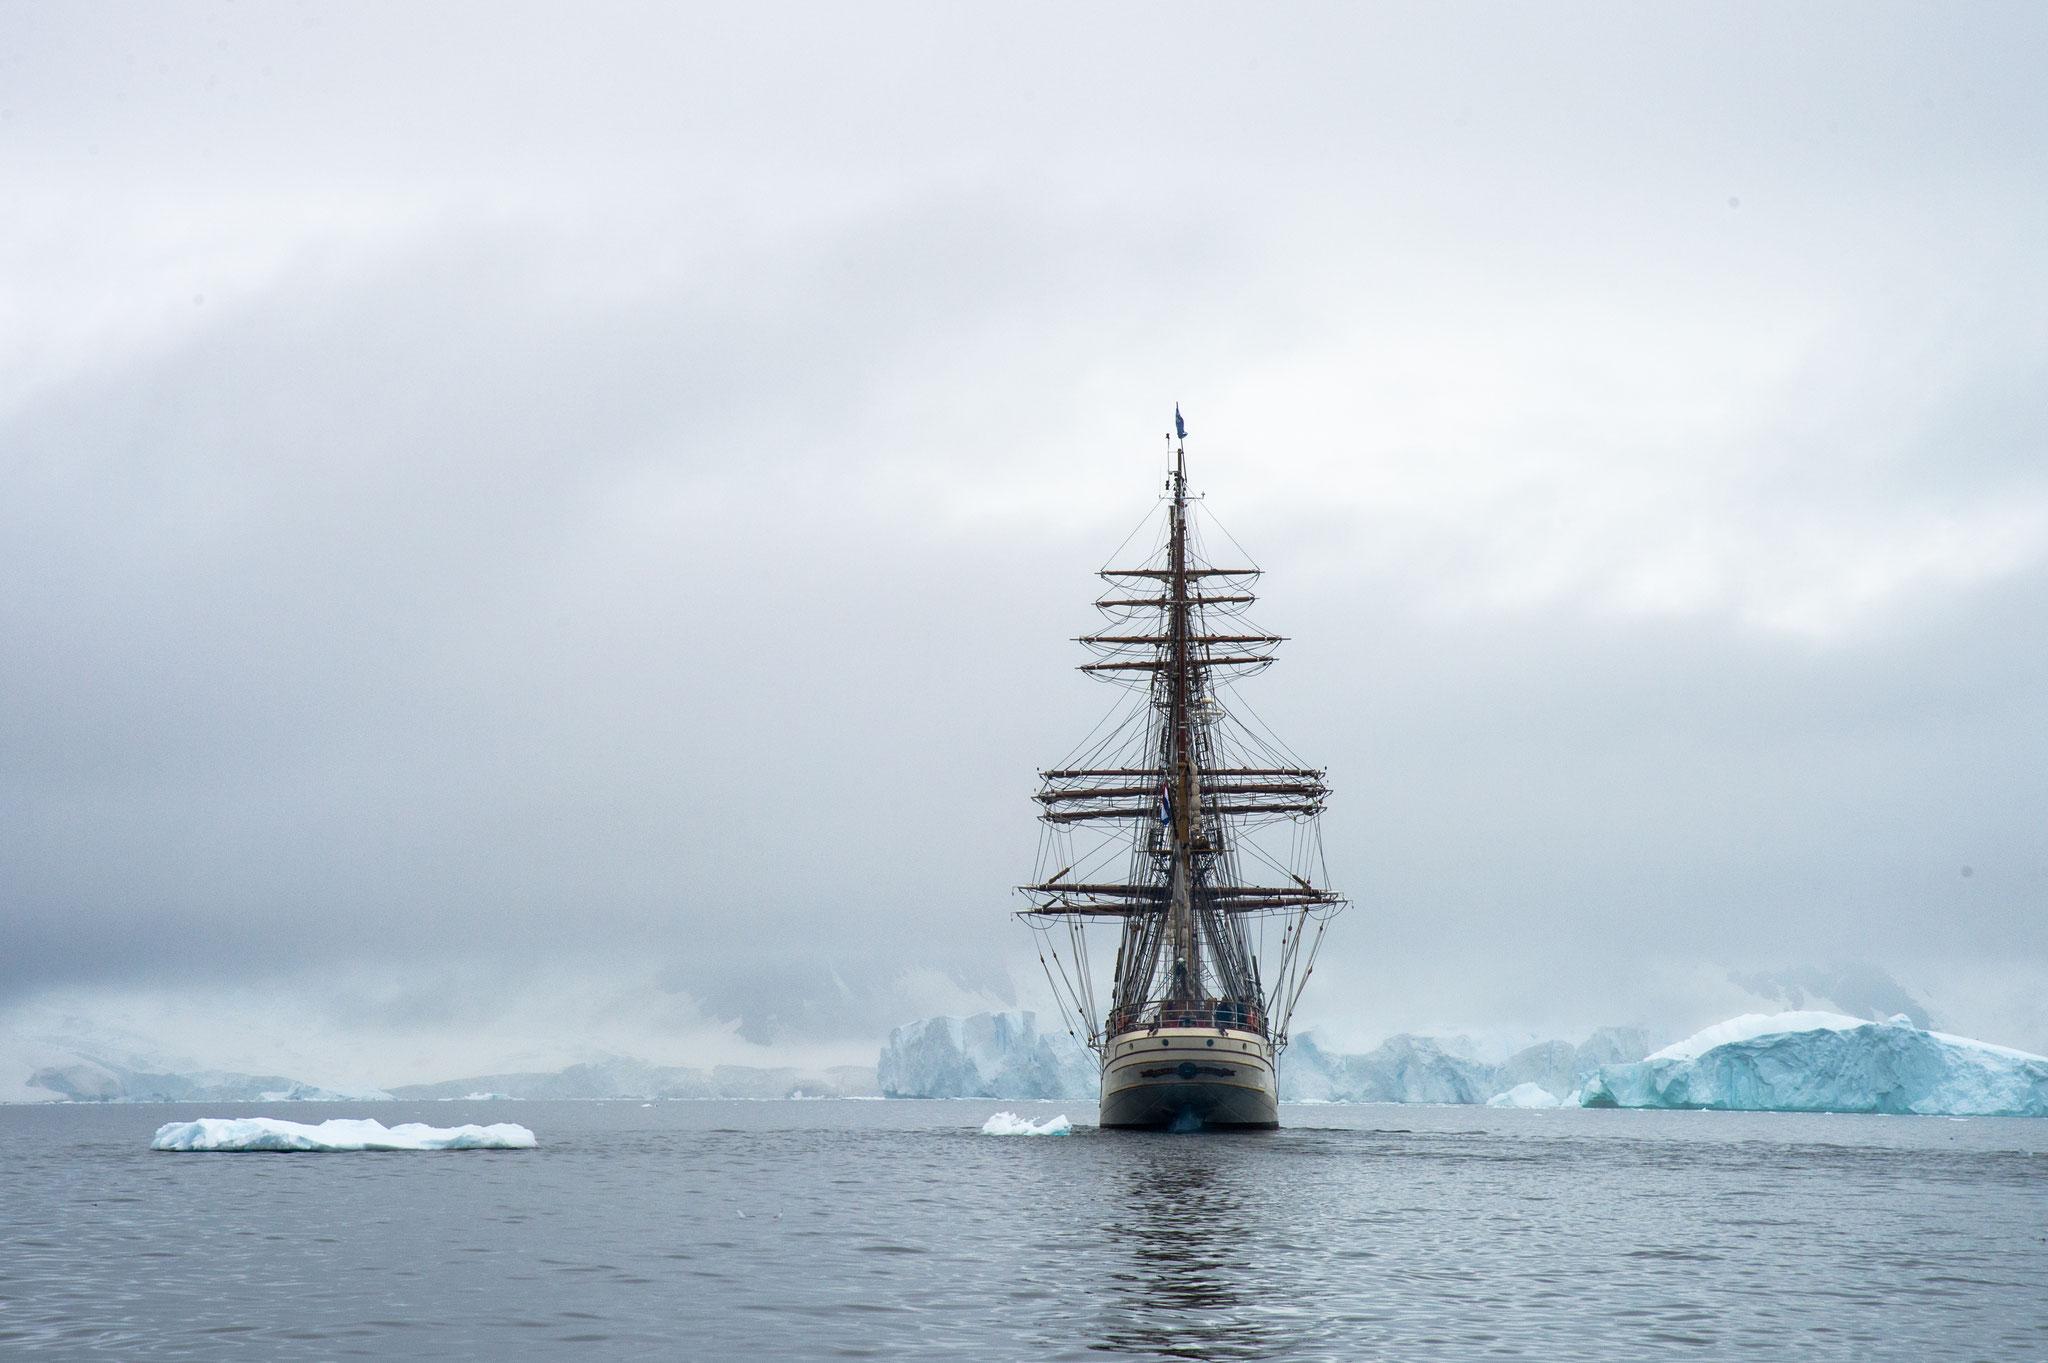 帆船と遭遇